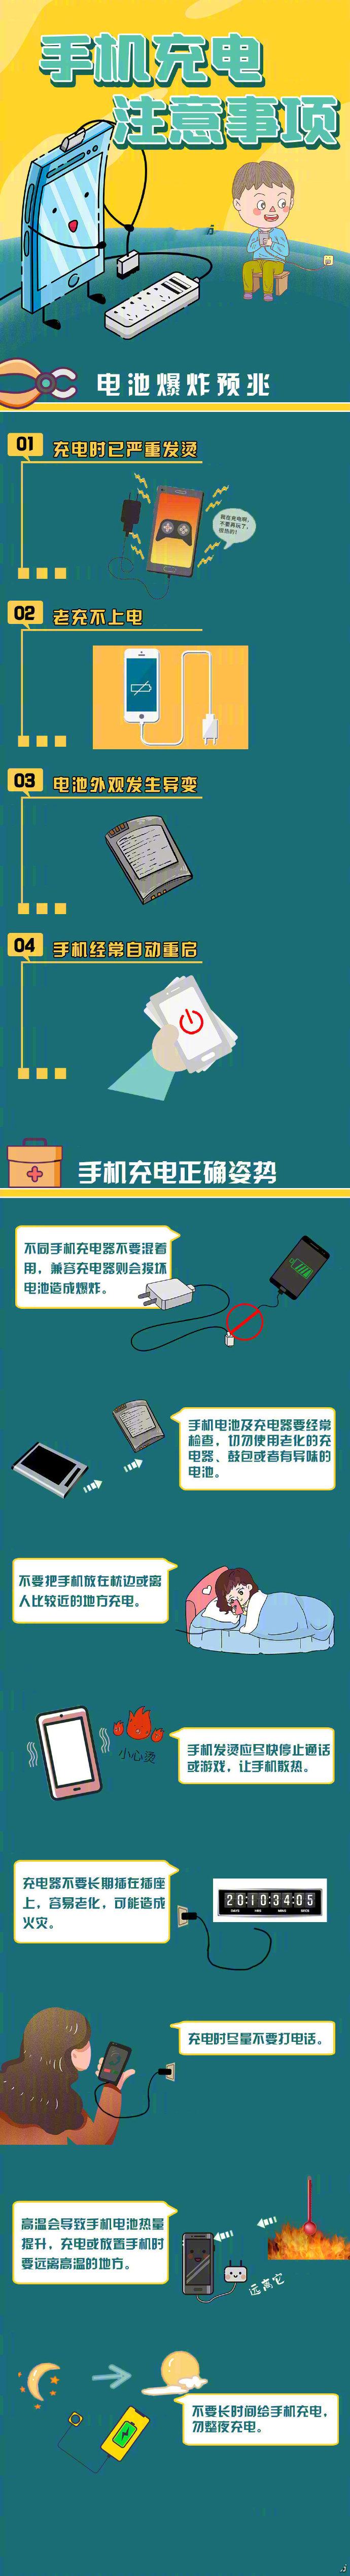 手機充電注意事項